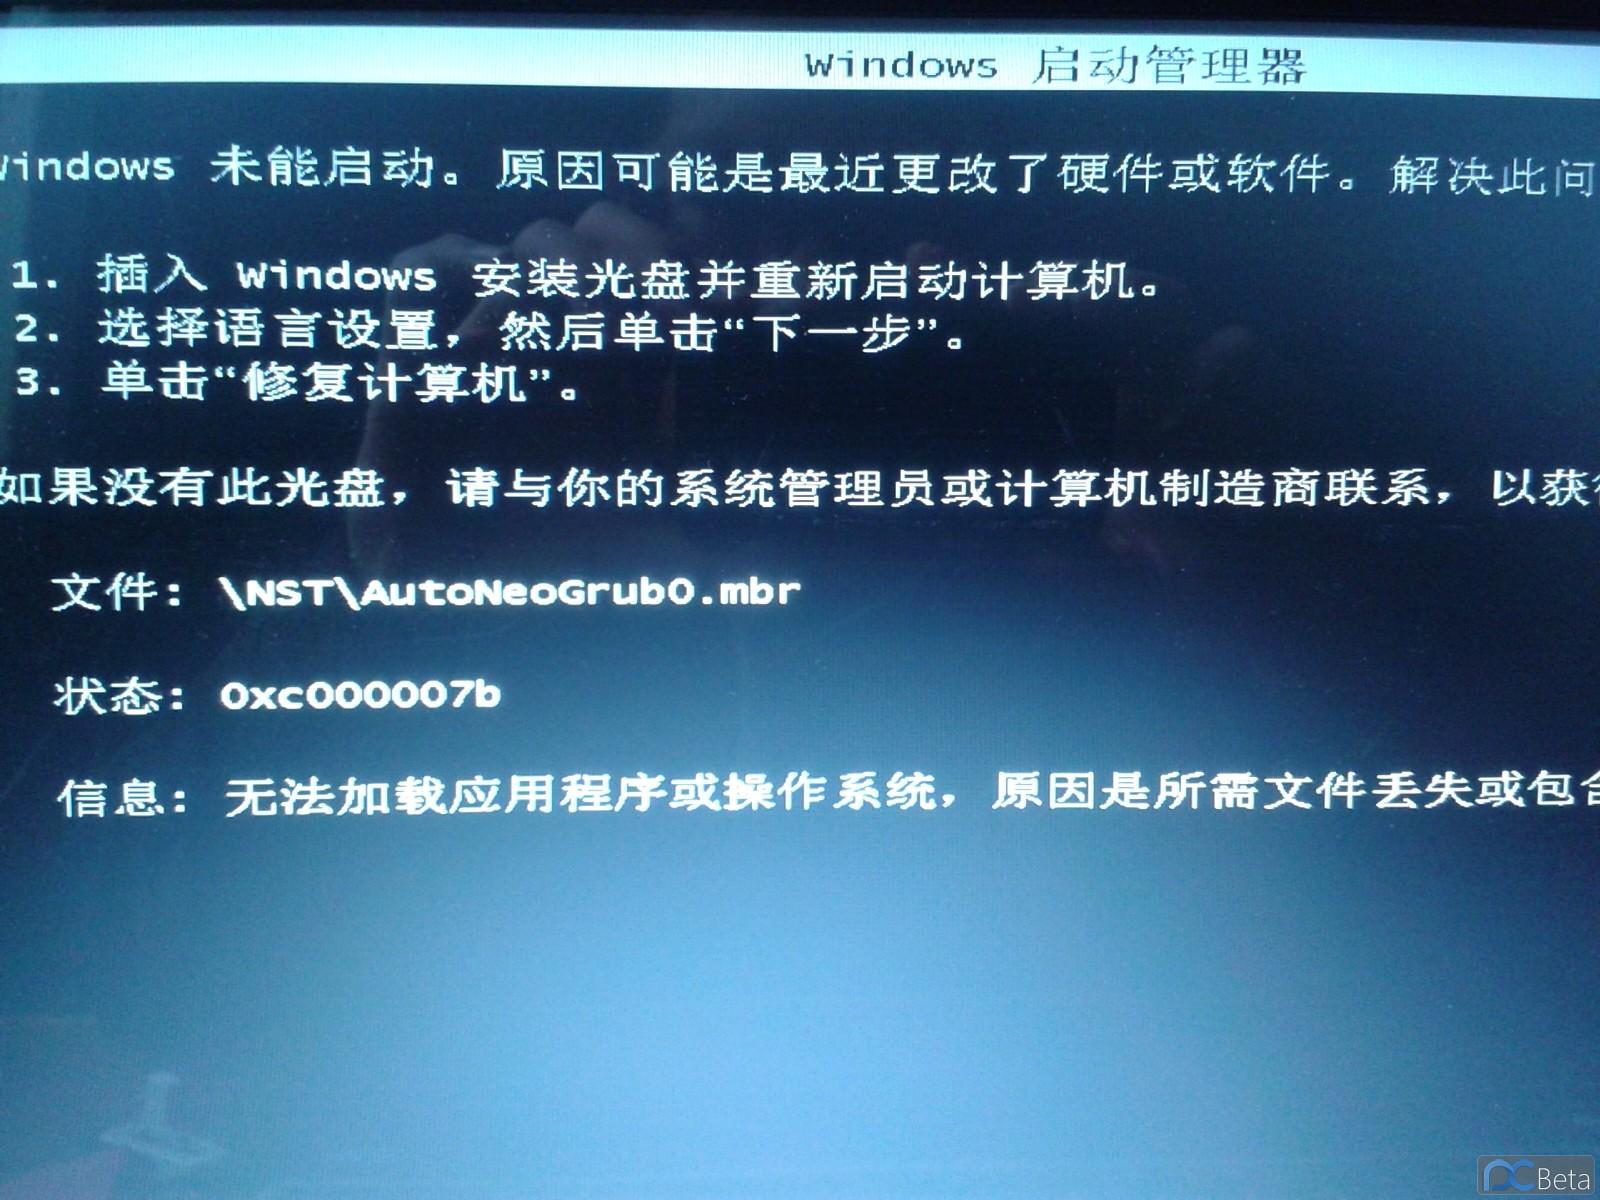 WP_000023.jpg